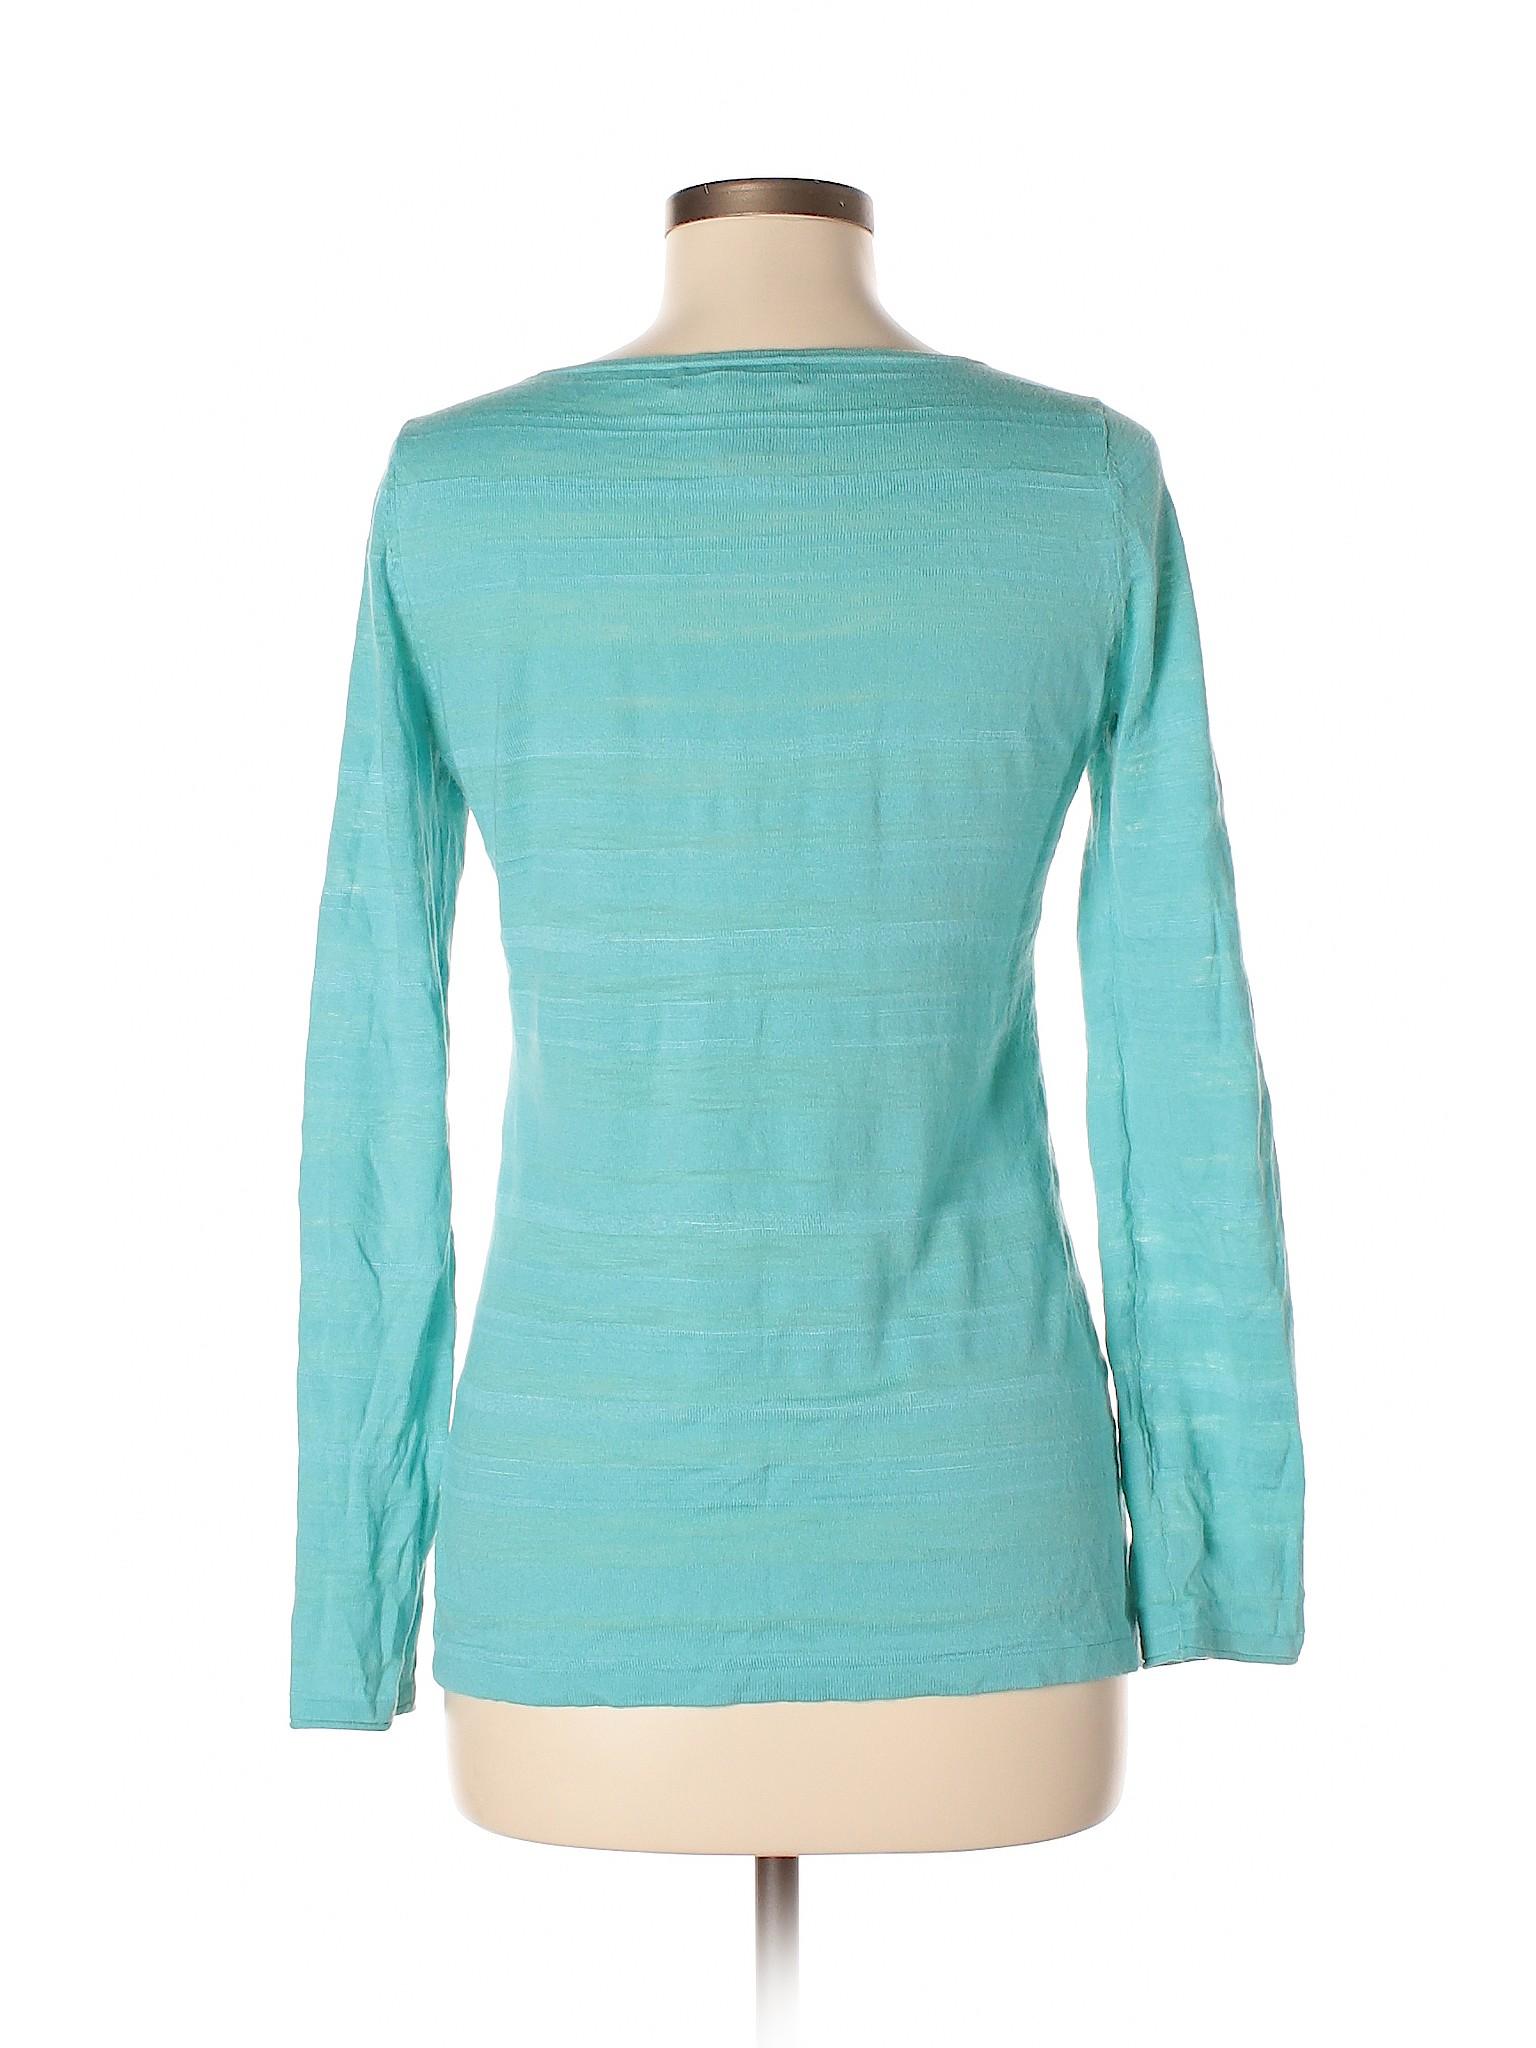 Sweater Banana Pullover Republic winter Boutique xUpqHH